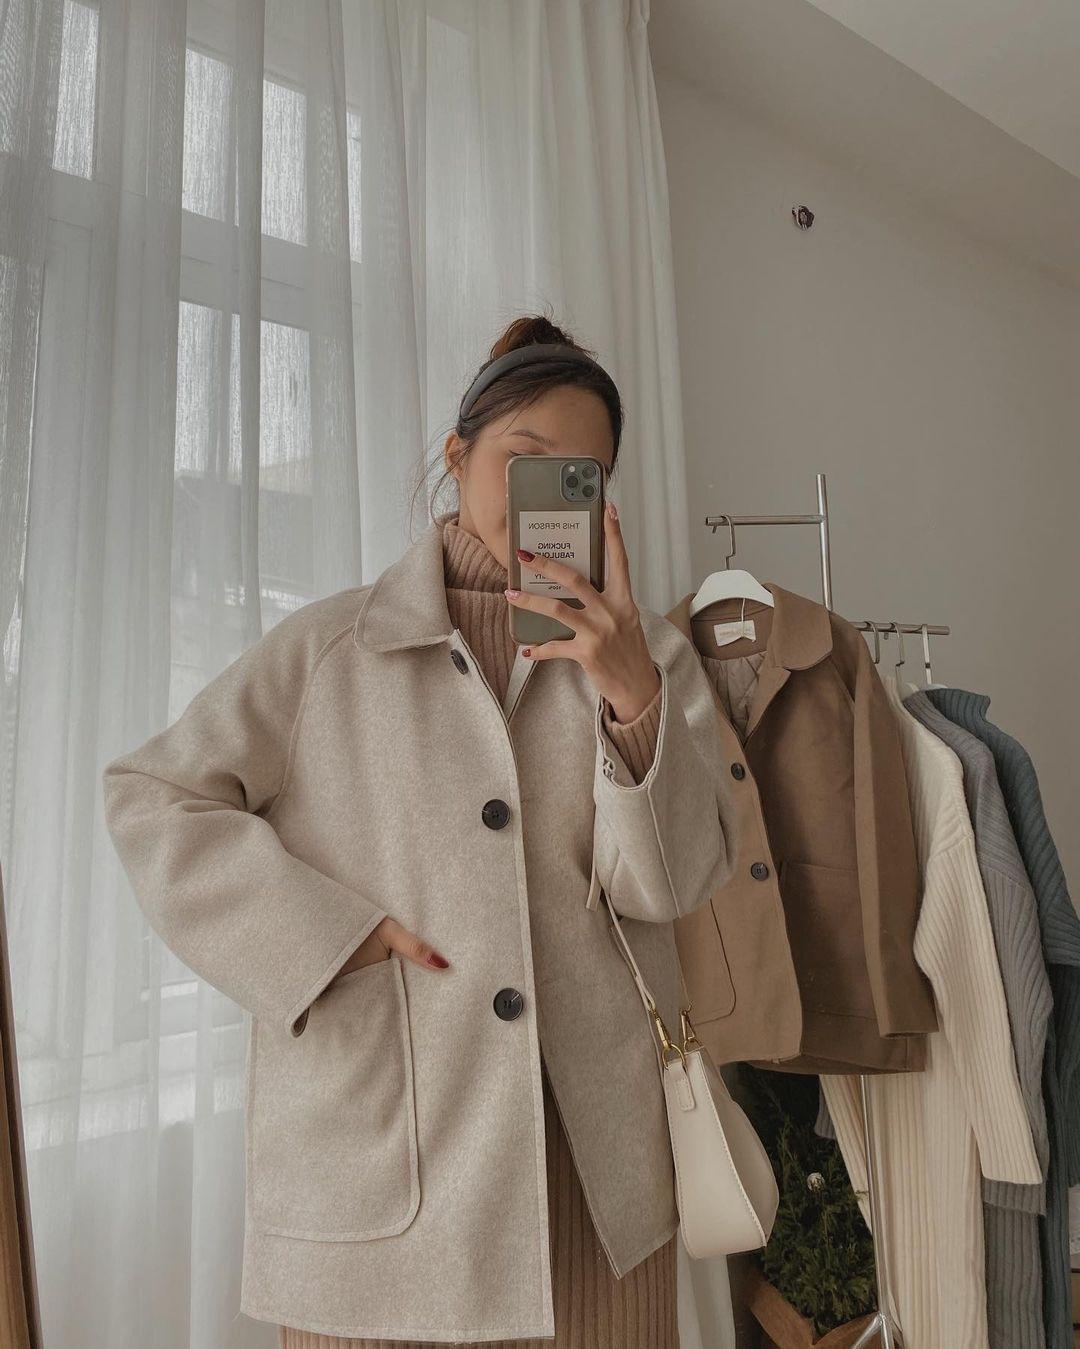 6 áo khoác xinh xẻo ít đụng hàng tại các shop hot, có cả set áo kèm túi xinh ngỡ ngàng - Ảnh 2.